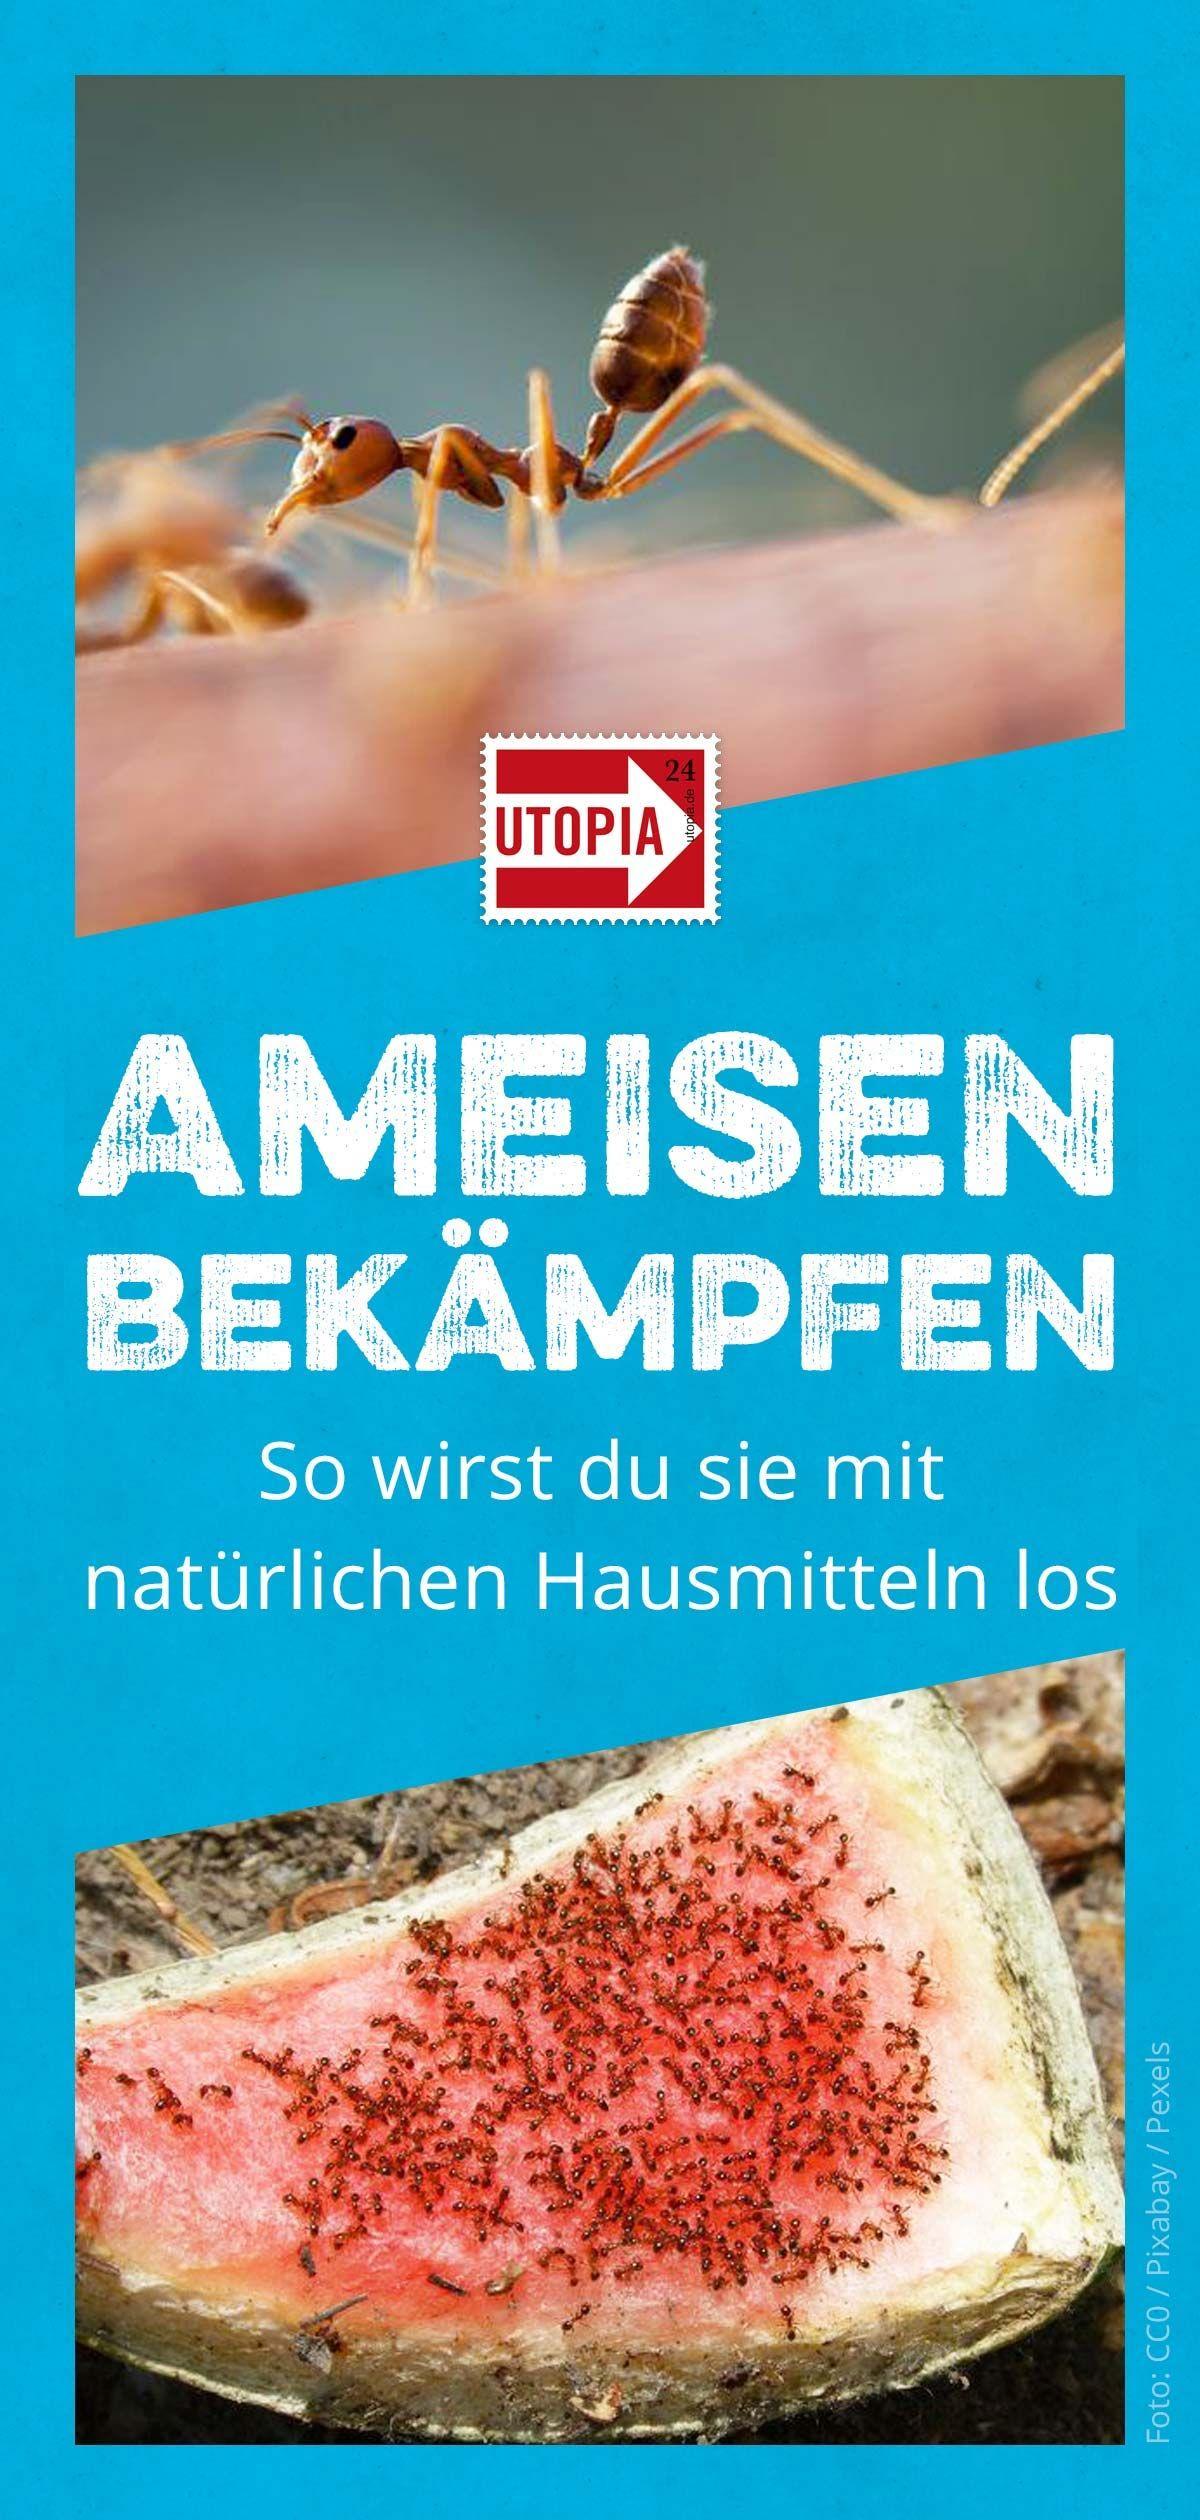 Ameisen Bekampfen Naturliche Hausmittel Fur Garten Und Wohnung Utopia De Ameisen Bekampfen Ameisen Naturliche Hausmittel